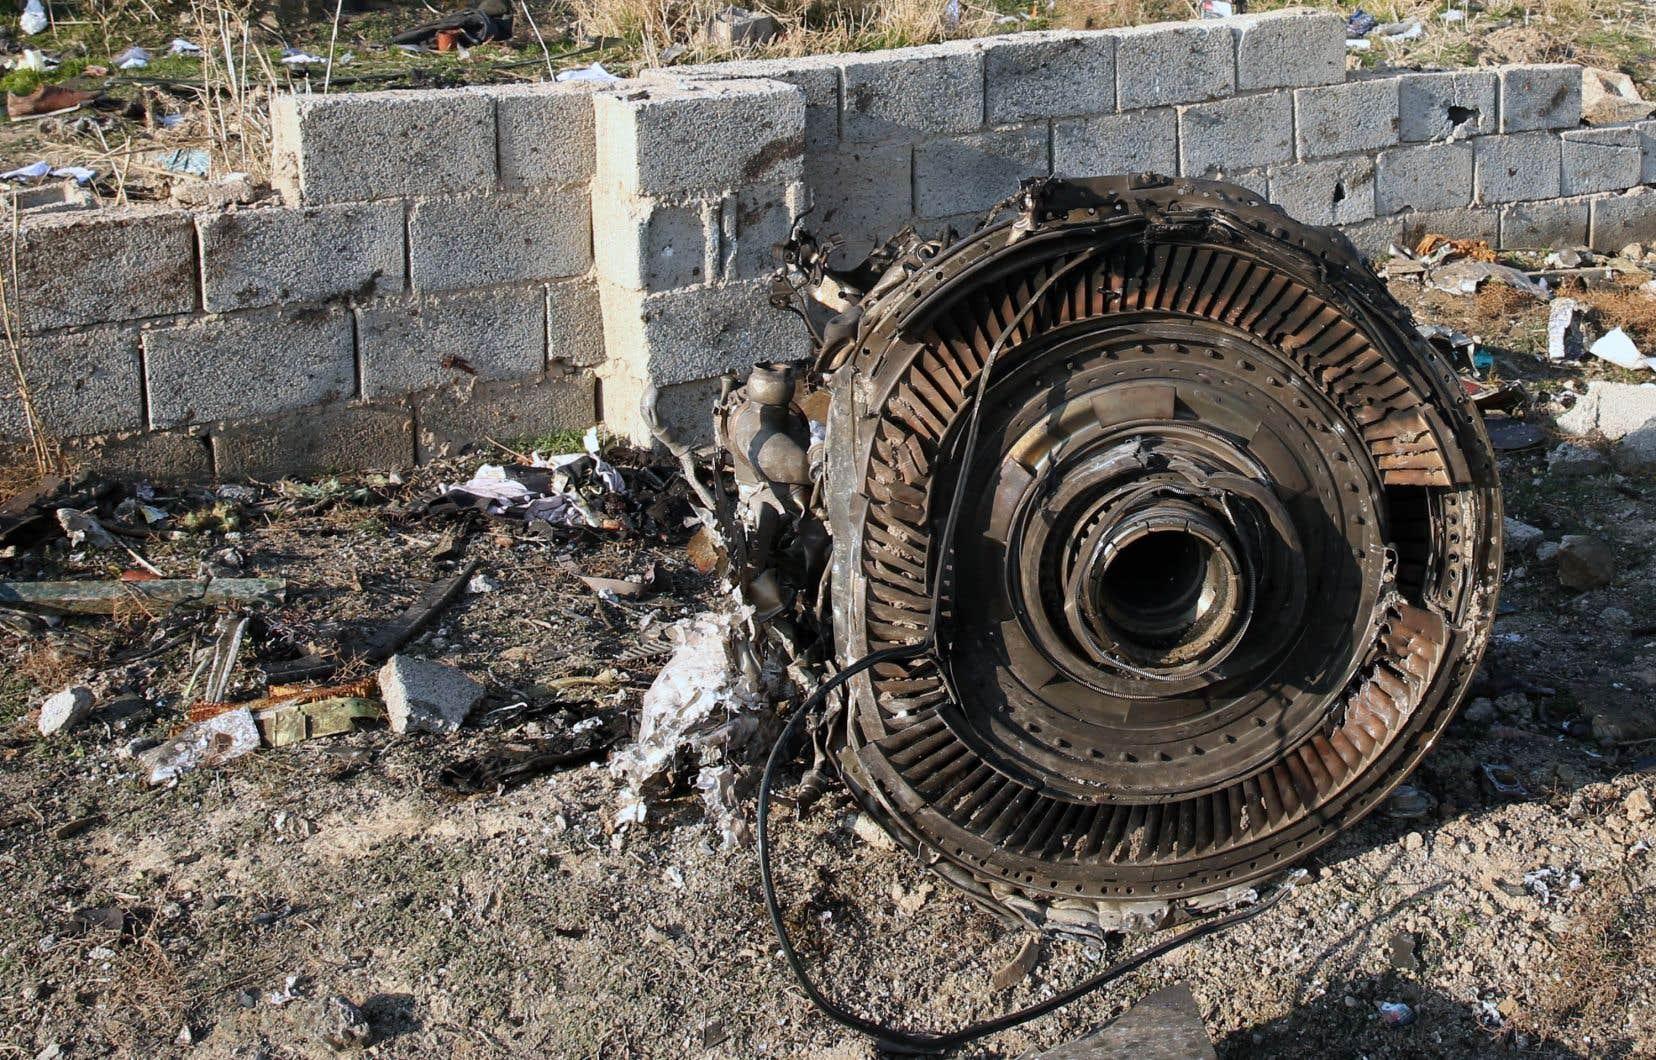 <p>L'avion de ligne de la compagnie privée Ukraine International Airlinesa décollé mercredi matin de Téhéran en direction de Kiev avant de s'écraser deux minutes plus tard, tuant les 176 personnes à bord.</p>